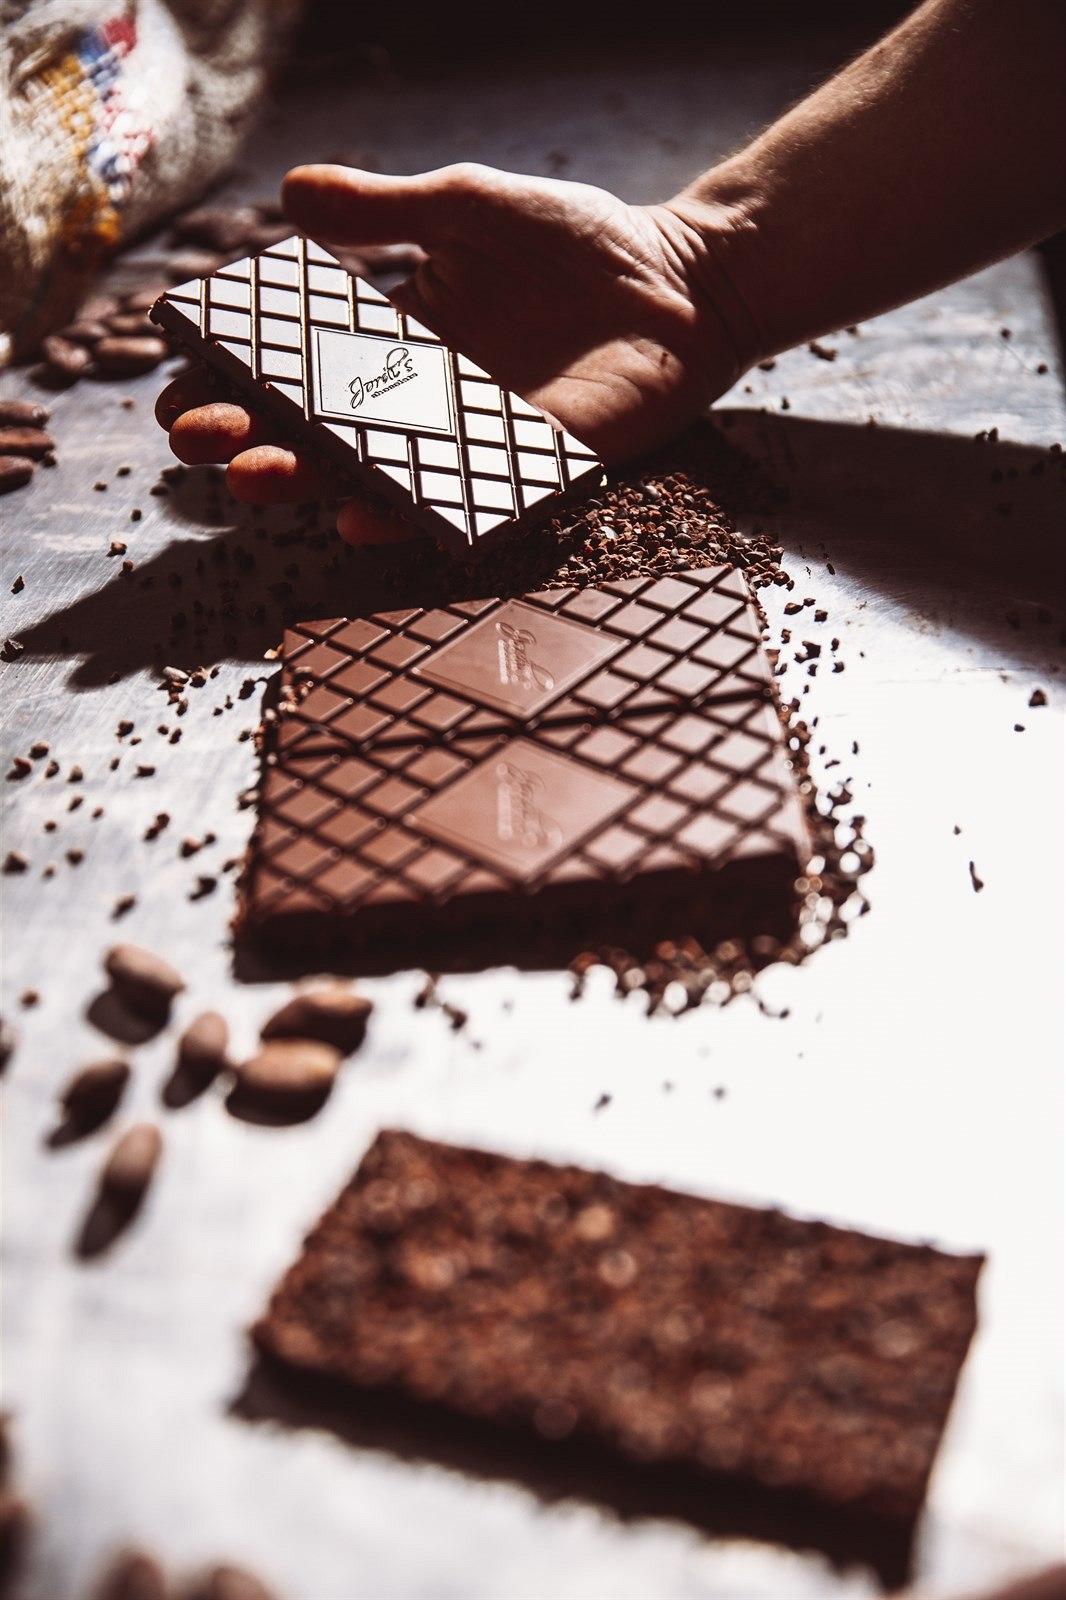 Při pohledu na dokonalý tvar jednotlivých tabulek se nechce věřit, že jsou výsledkem ruční výroby. Tmavá čokoláda se v mlýnku mele s cukrem, mléčná ještě se sušeným kravským, kozím či ovčím mlékem, do čokolády totiž smí přijít pouze suché přísady.